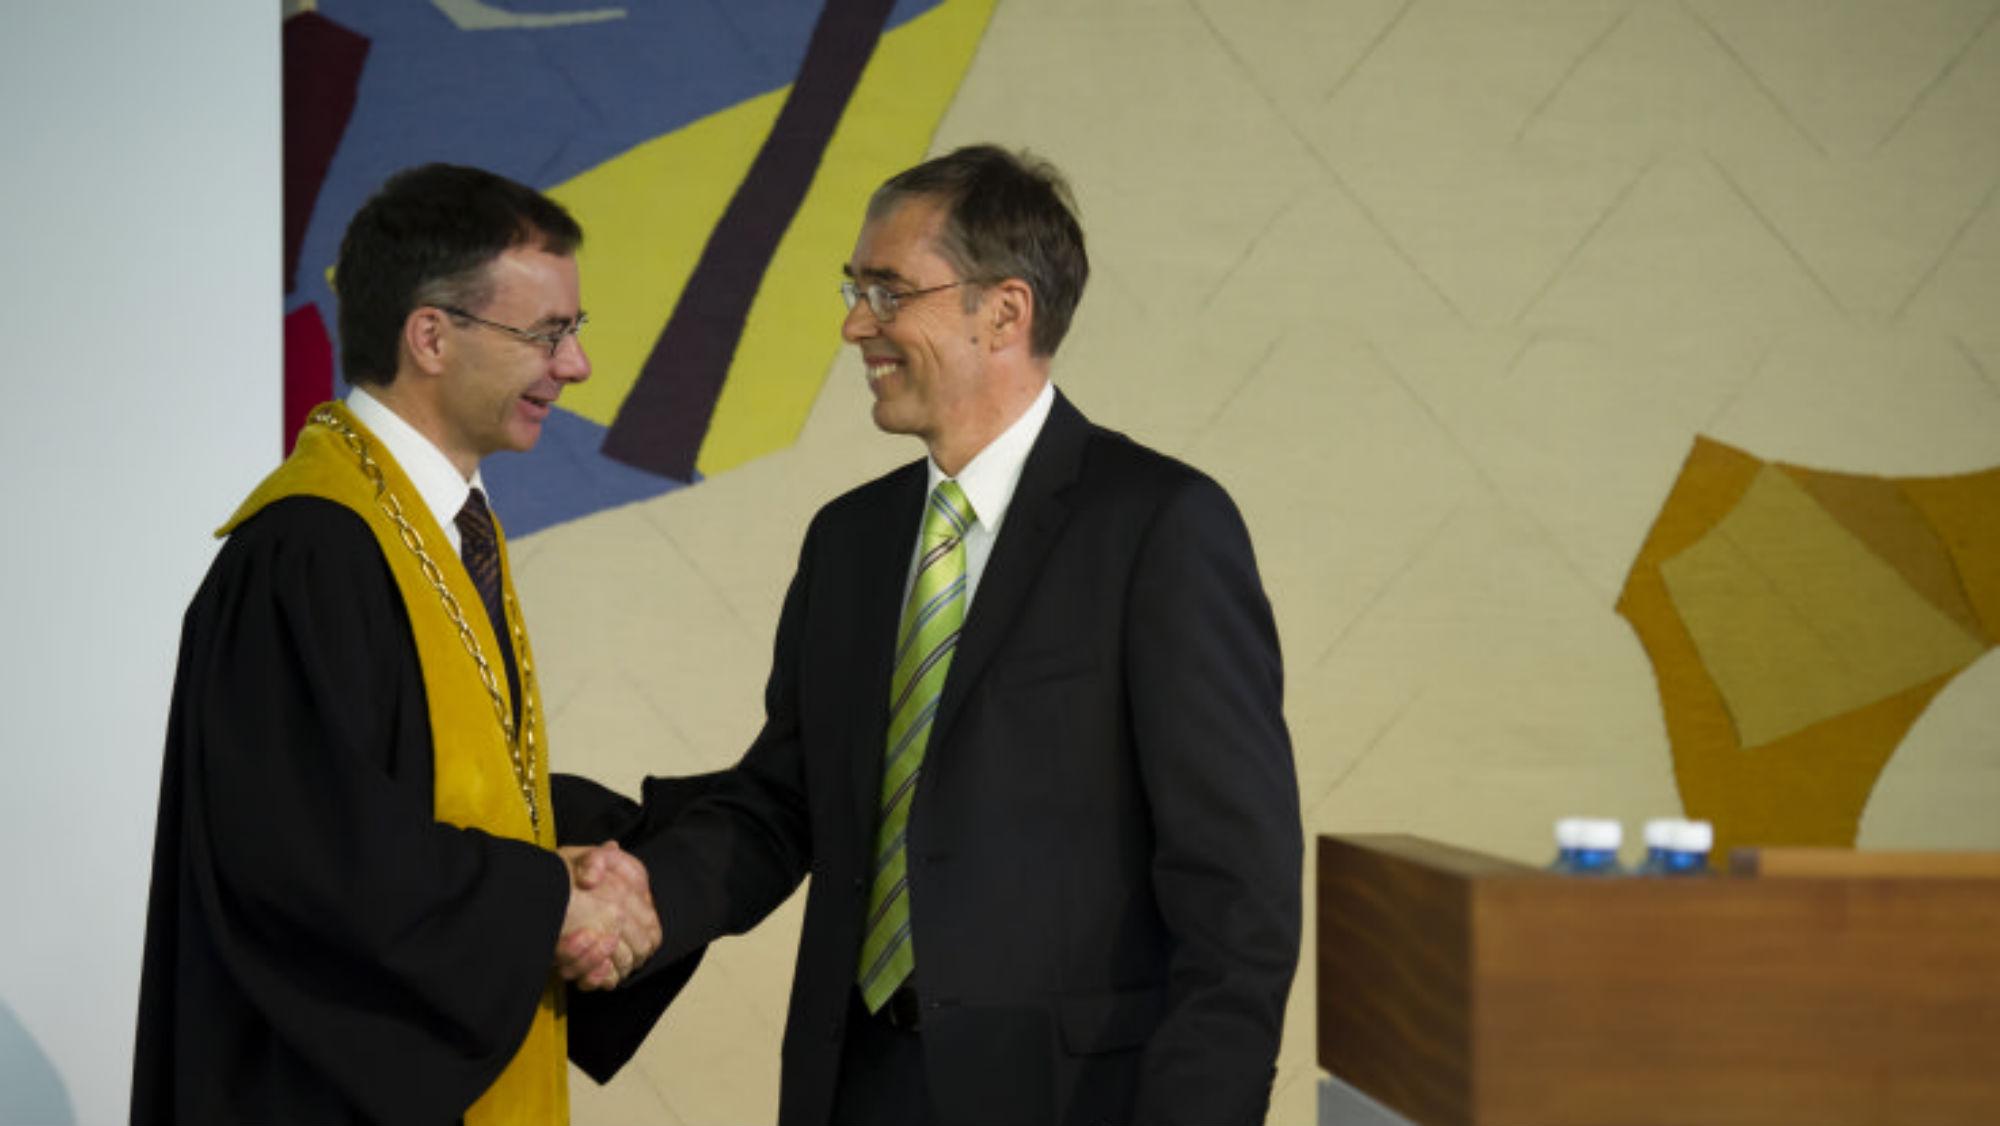 Dies Academicus 2012 Friedemann Schulz von Thun